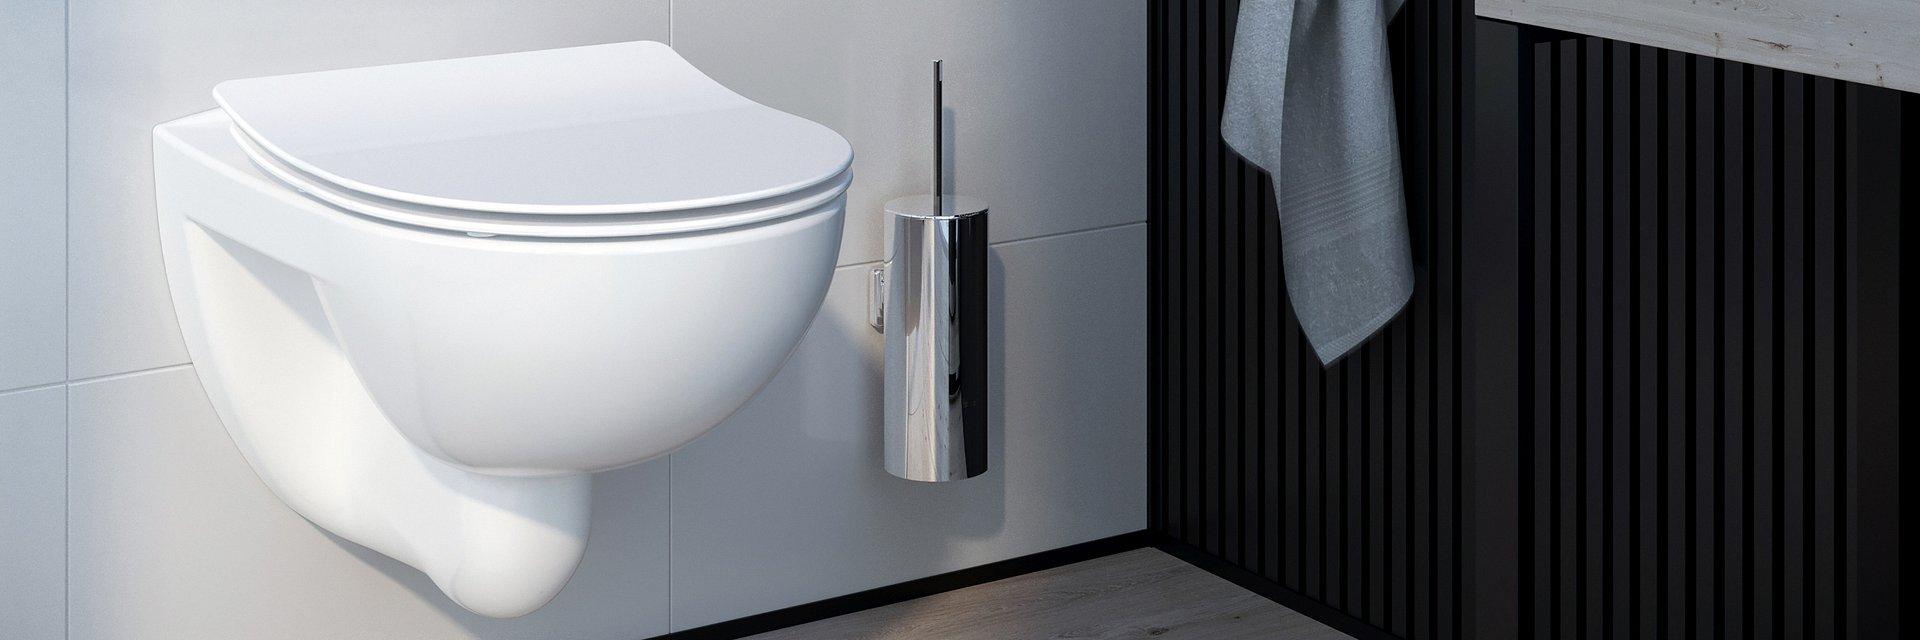 Zużywaj mniej wody i energii w łazience – z nową miską wc Victoria rimless to proste.